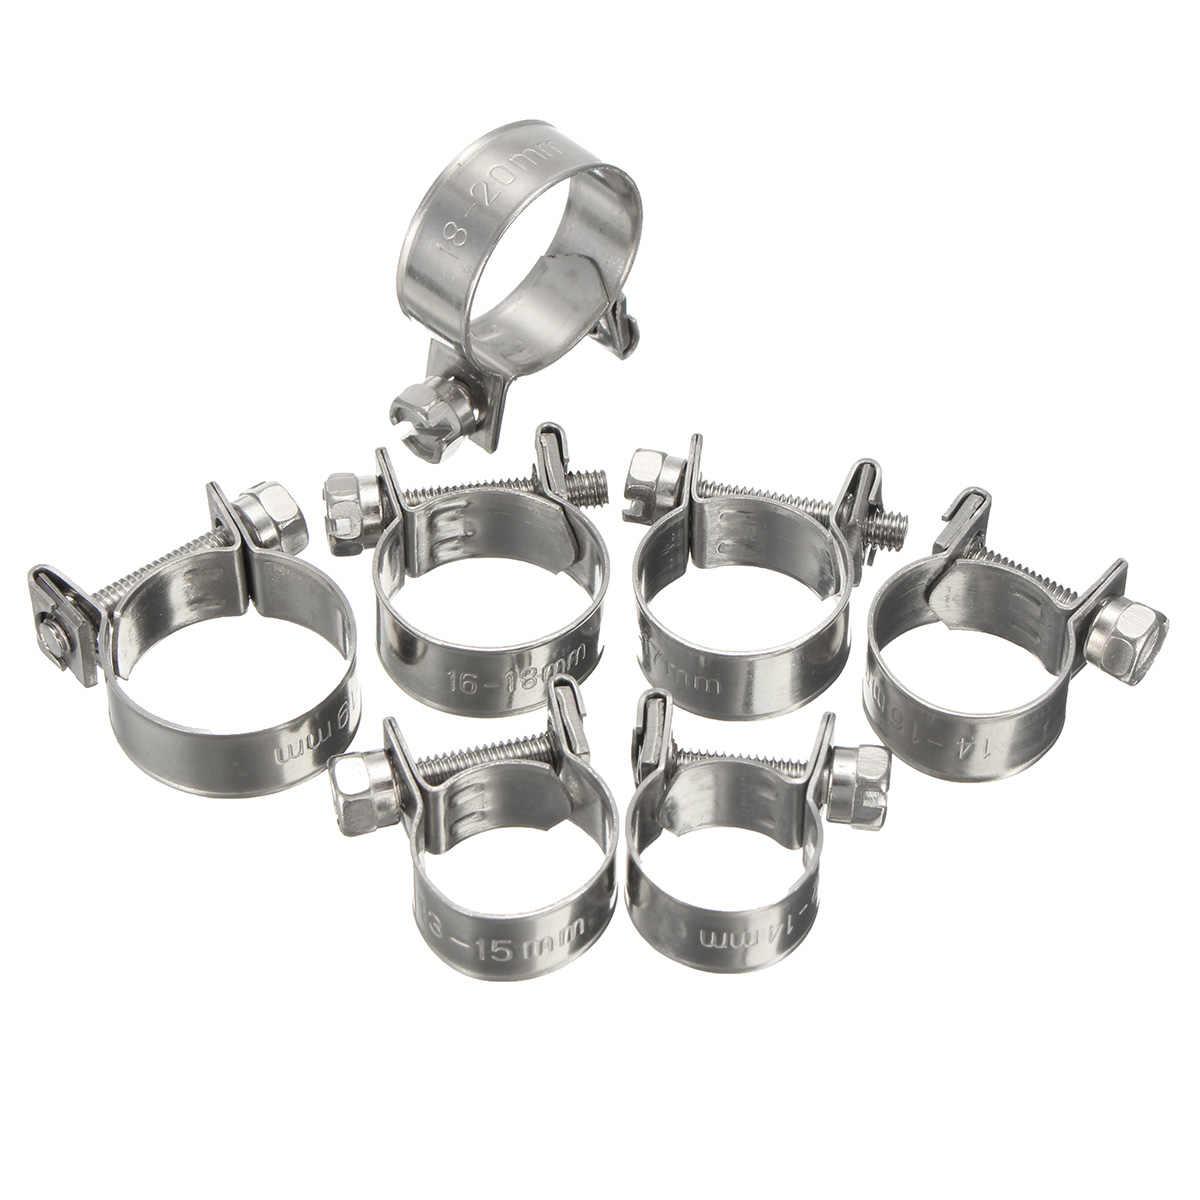 5 pièces collier de serrage en acier inoxydable collier de serrage pour tuyau d'eau de carburant pinces de serrage pour tuyau